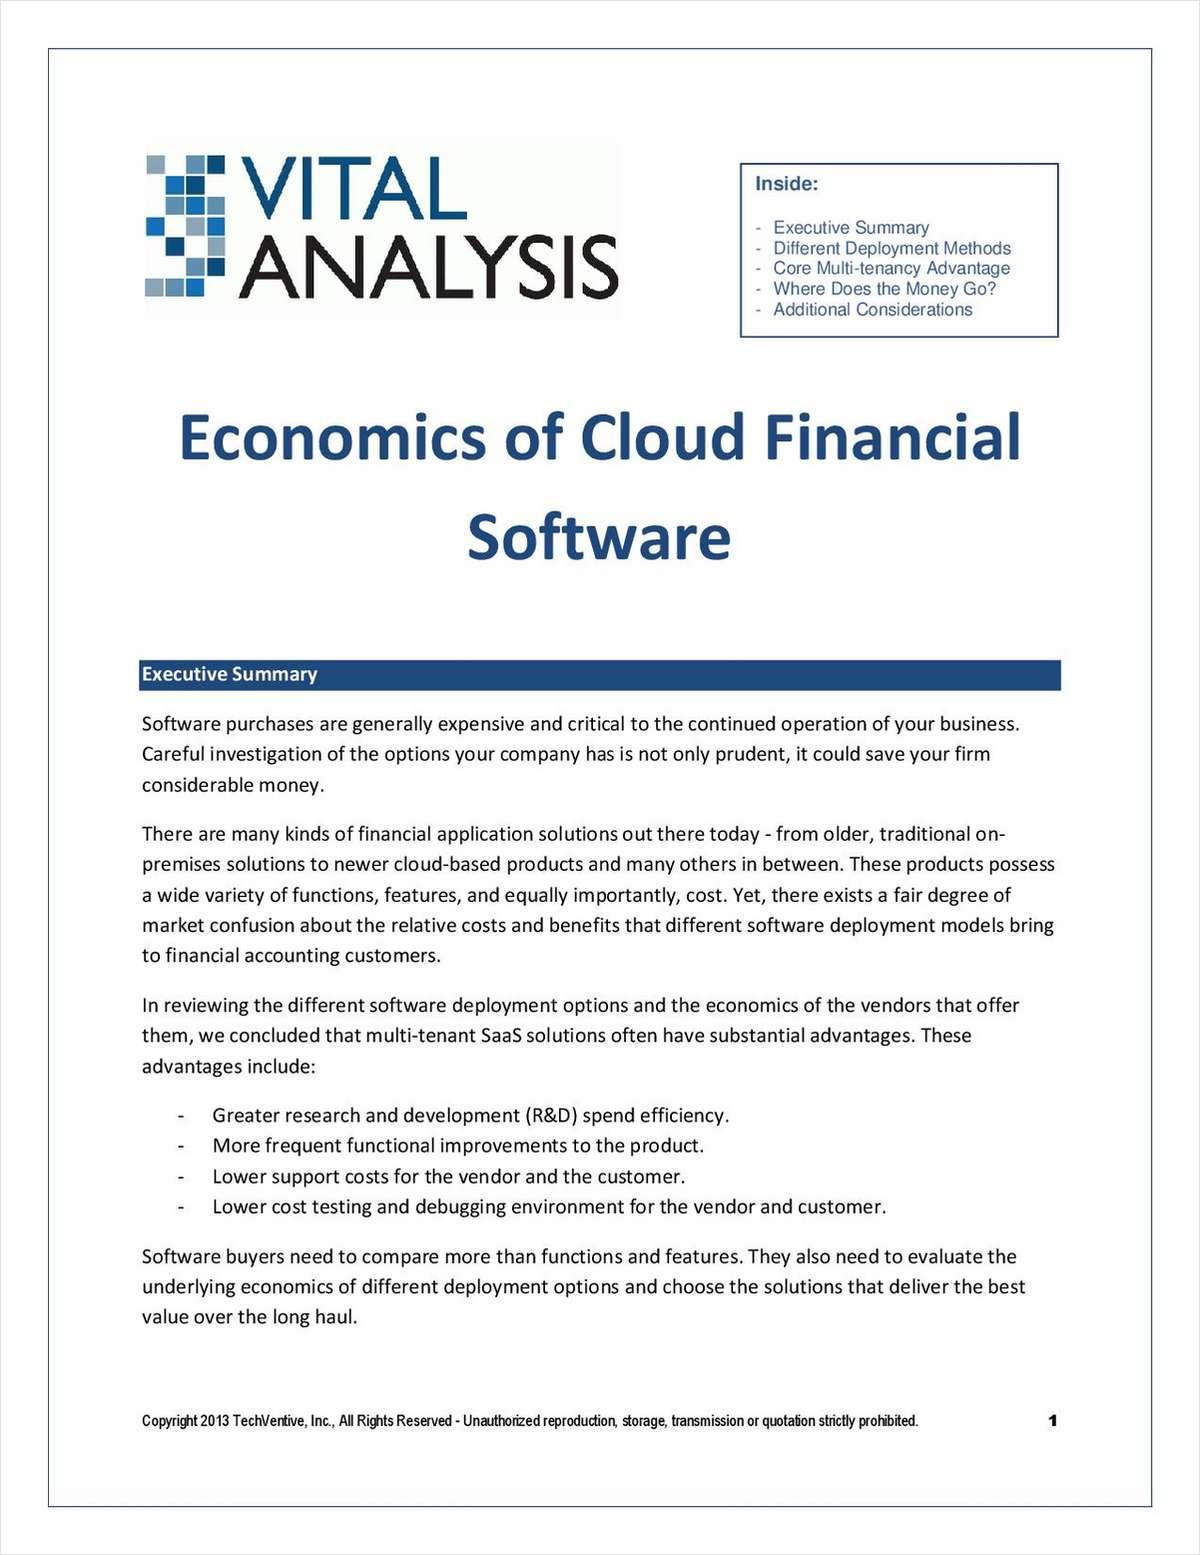 Economics of Cloud Financial Software